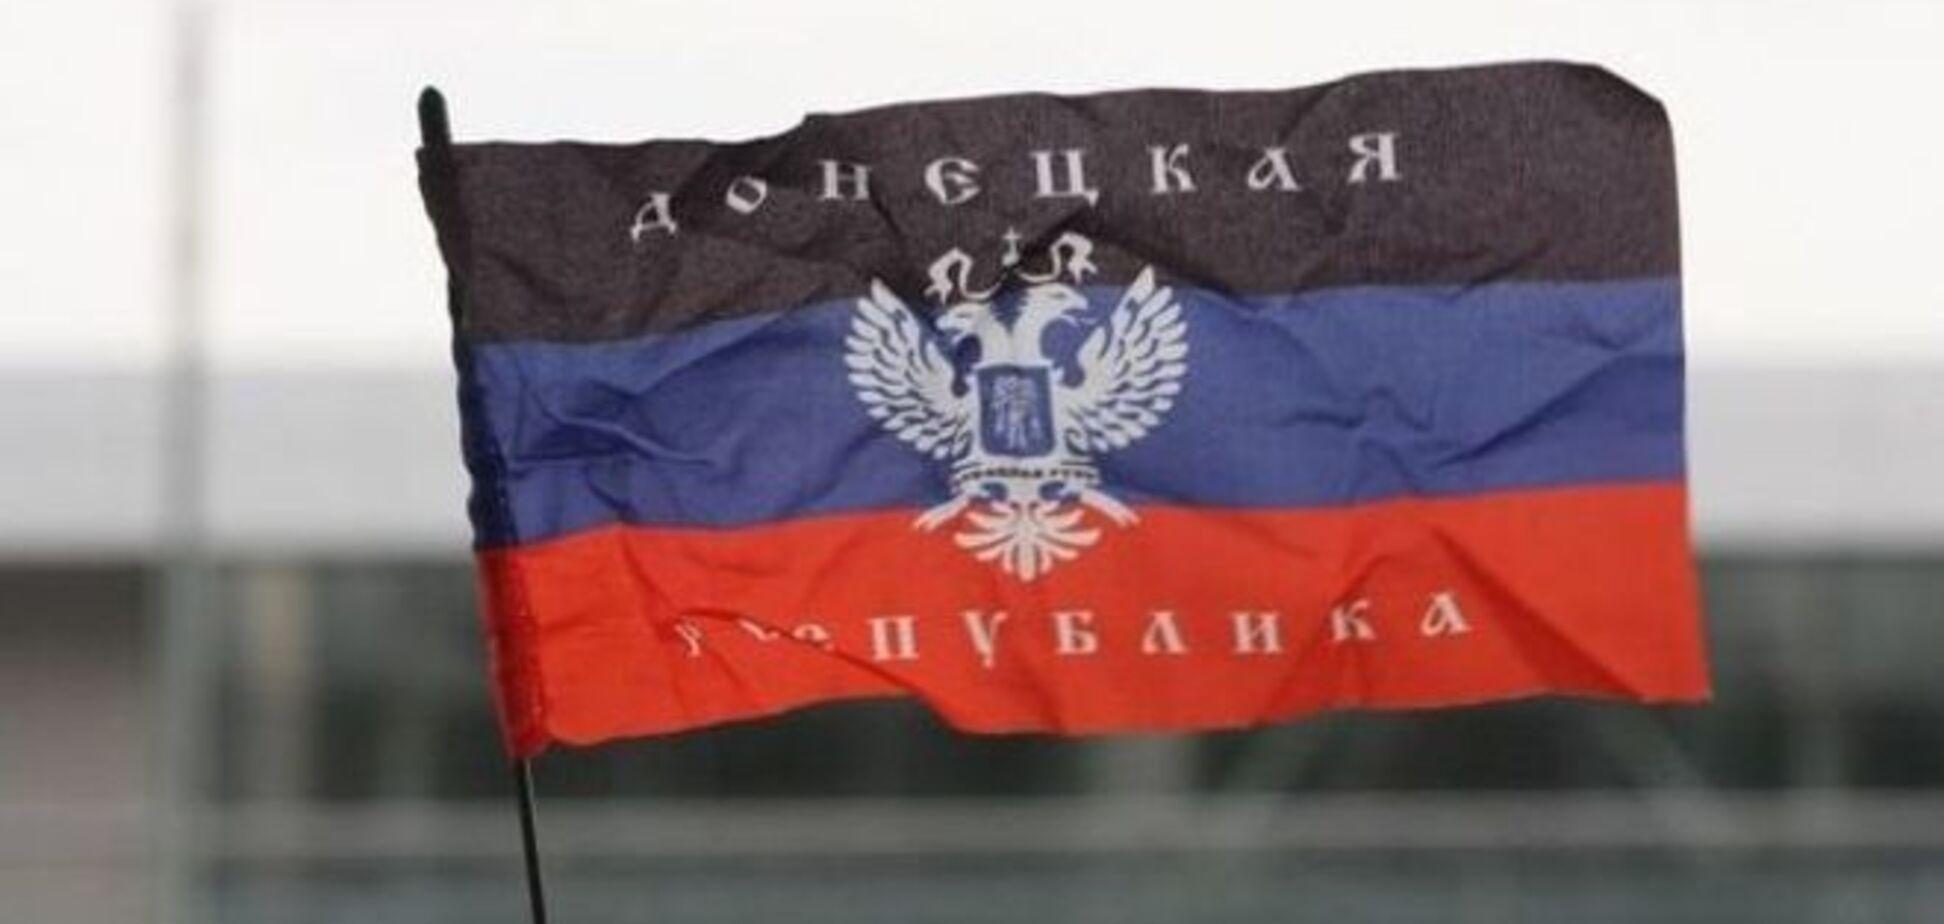 В Харькове поймали сторонницу 'ДНР', работавшую на лидера 'Исхода'